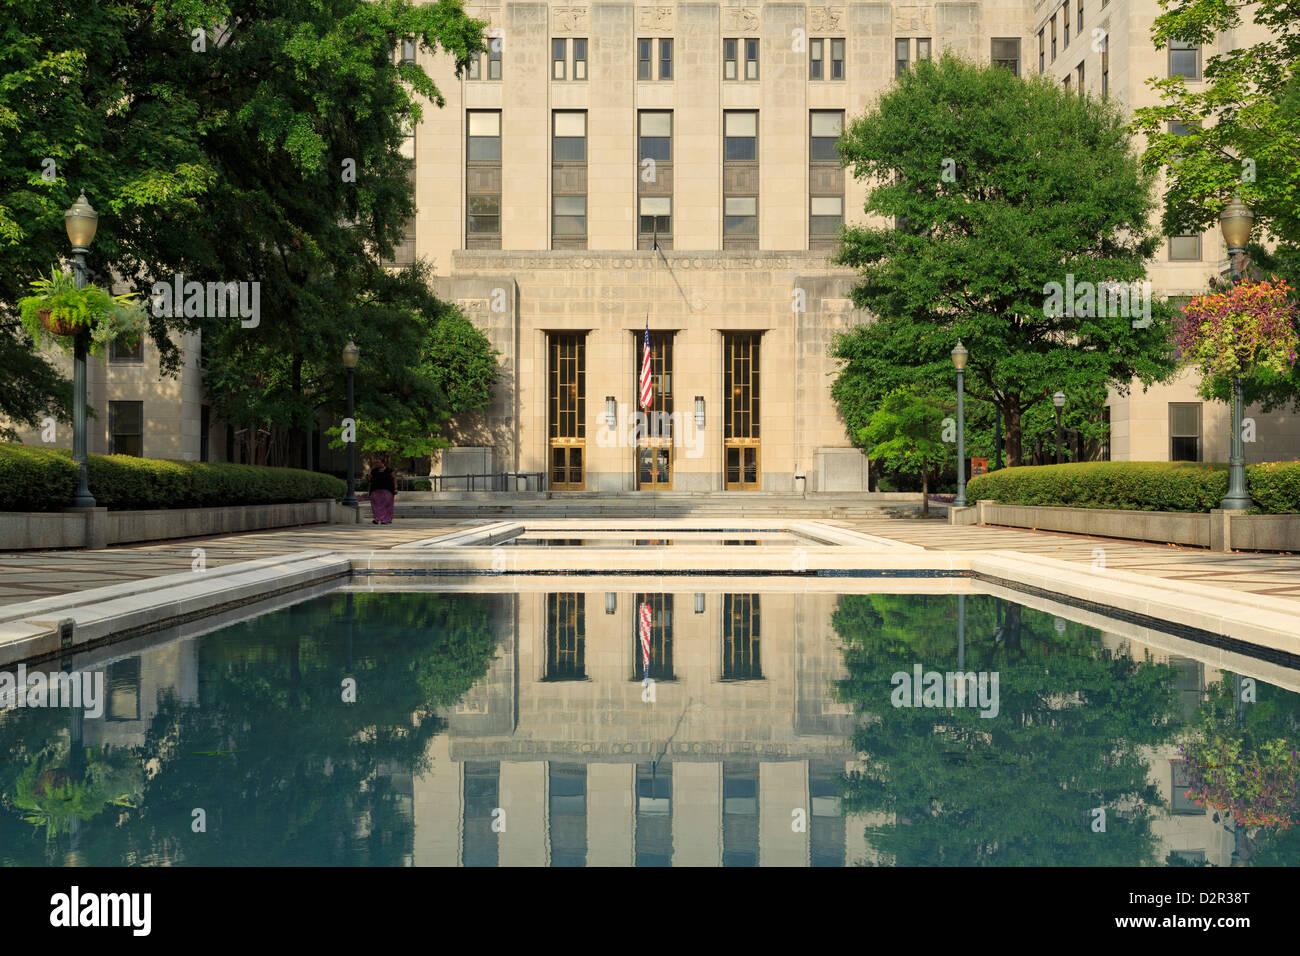 Palais de justice du comté de Jefferson dans Linn Park, Birmingham, Alabama, États-Unis d'Amérique, Amérique du Nord Banque D'Images